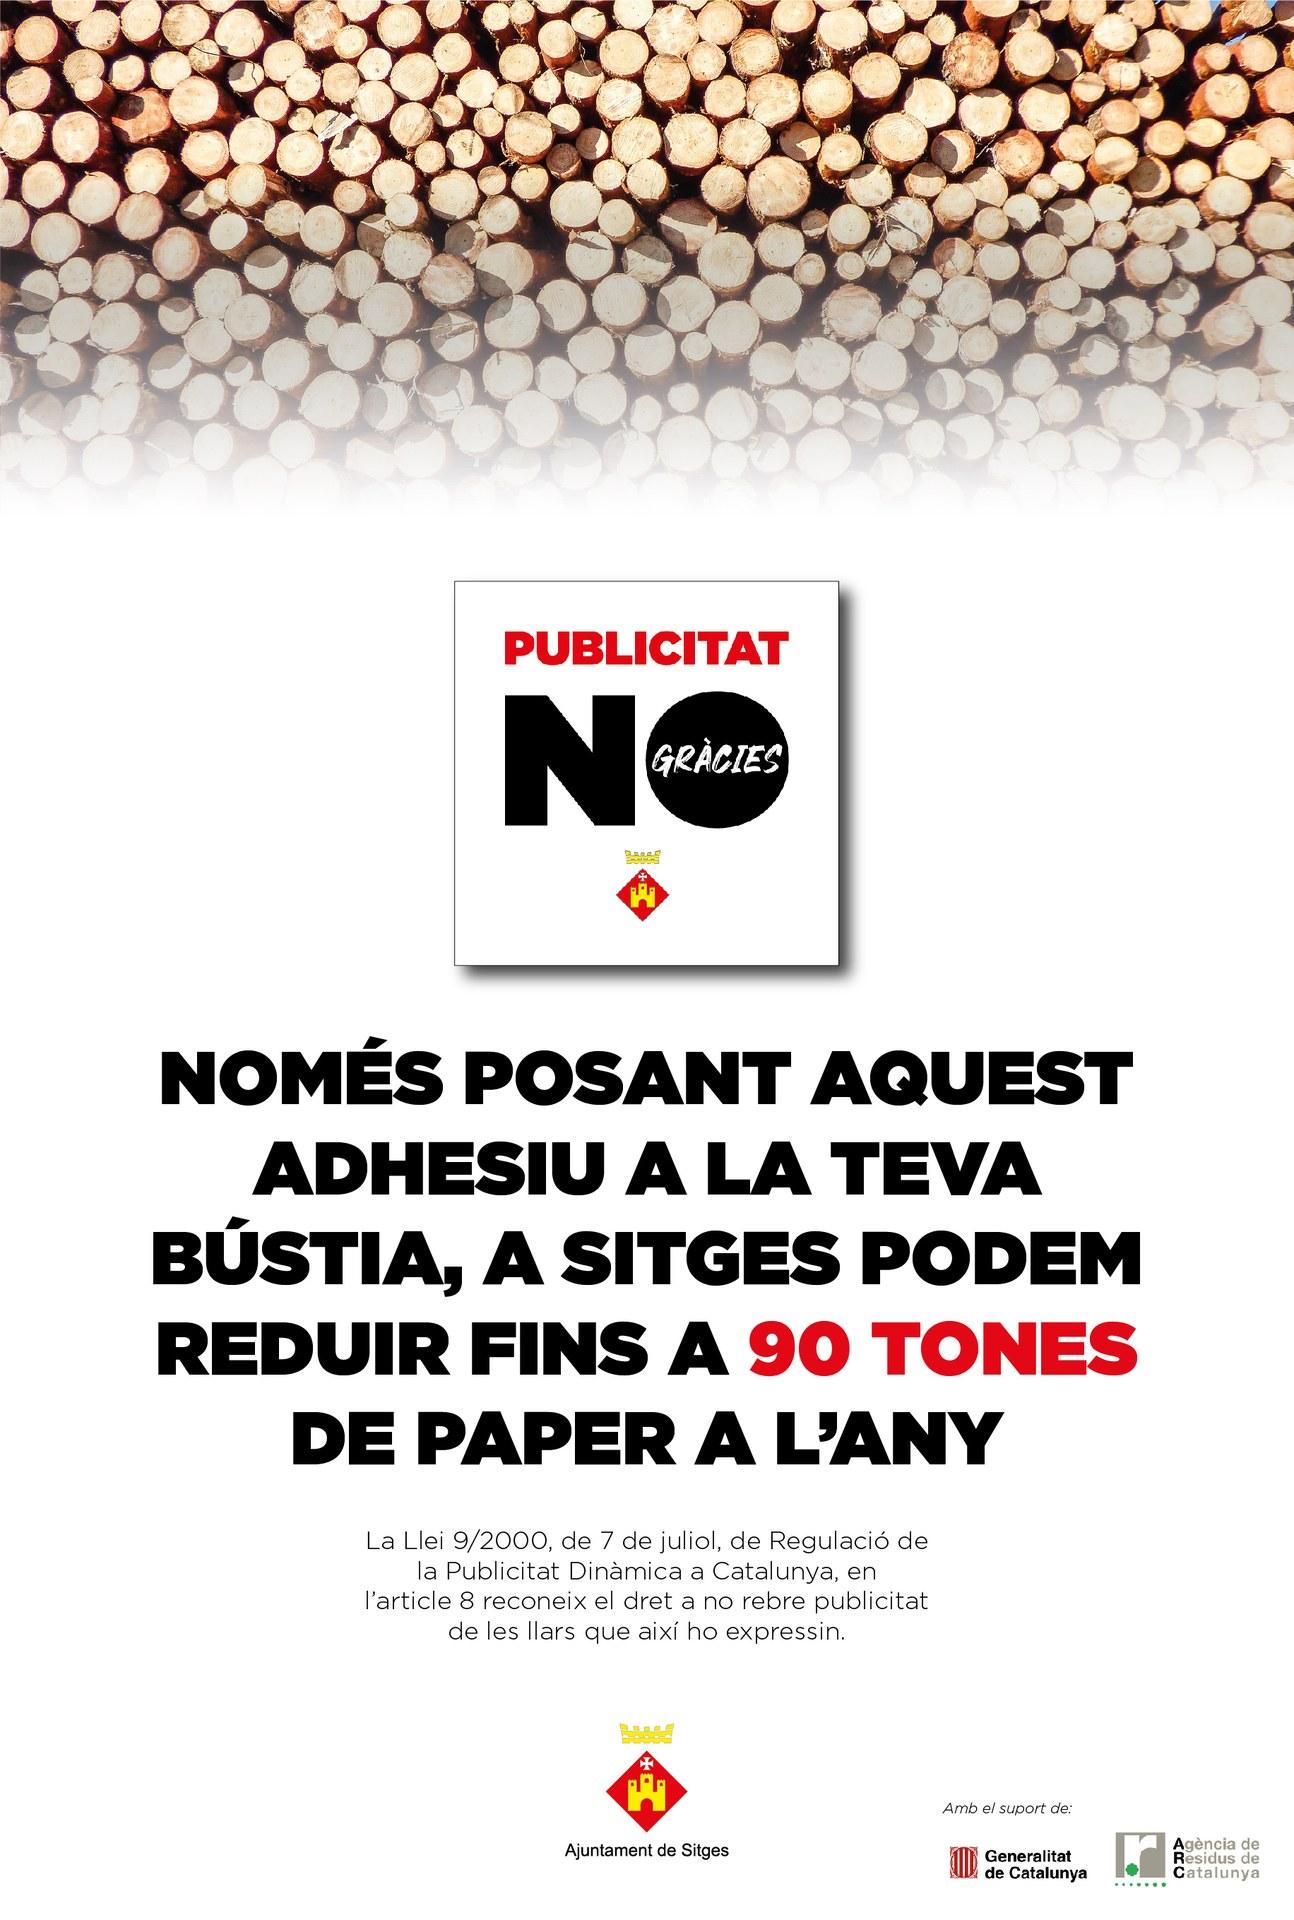 """El PLPR de Sitges planteja tretze accions, entre les quals la campanya """"Publicitat NO, gràcies"""" per reduir paper"""